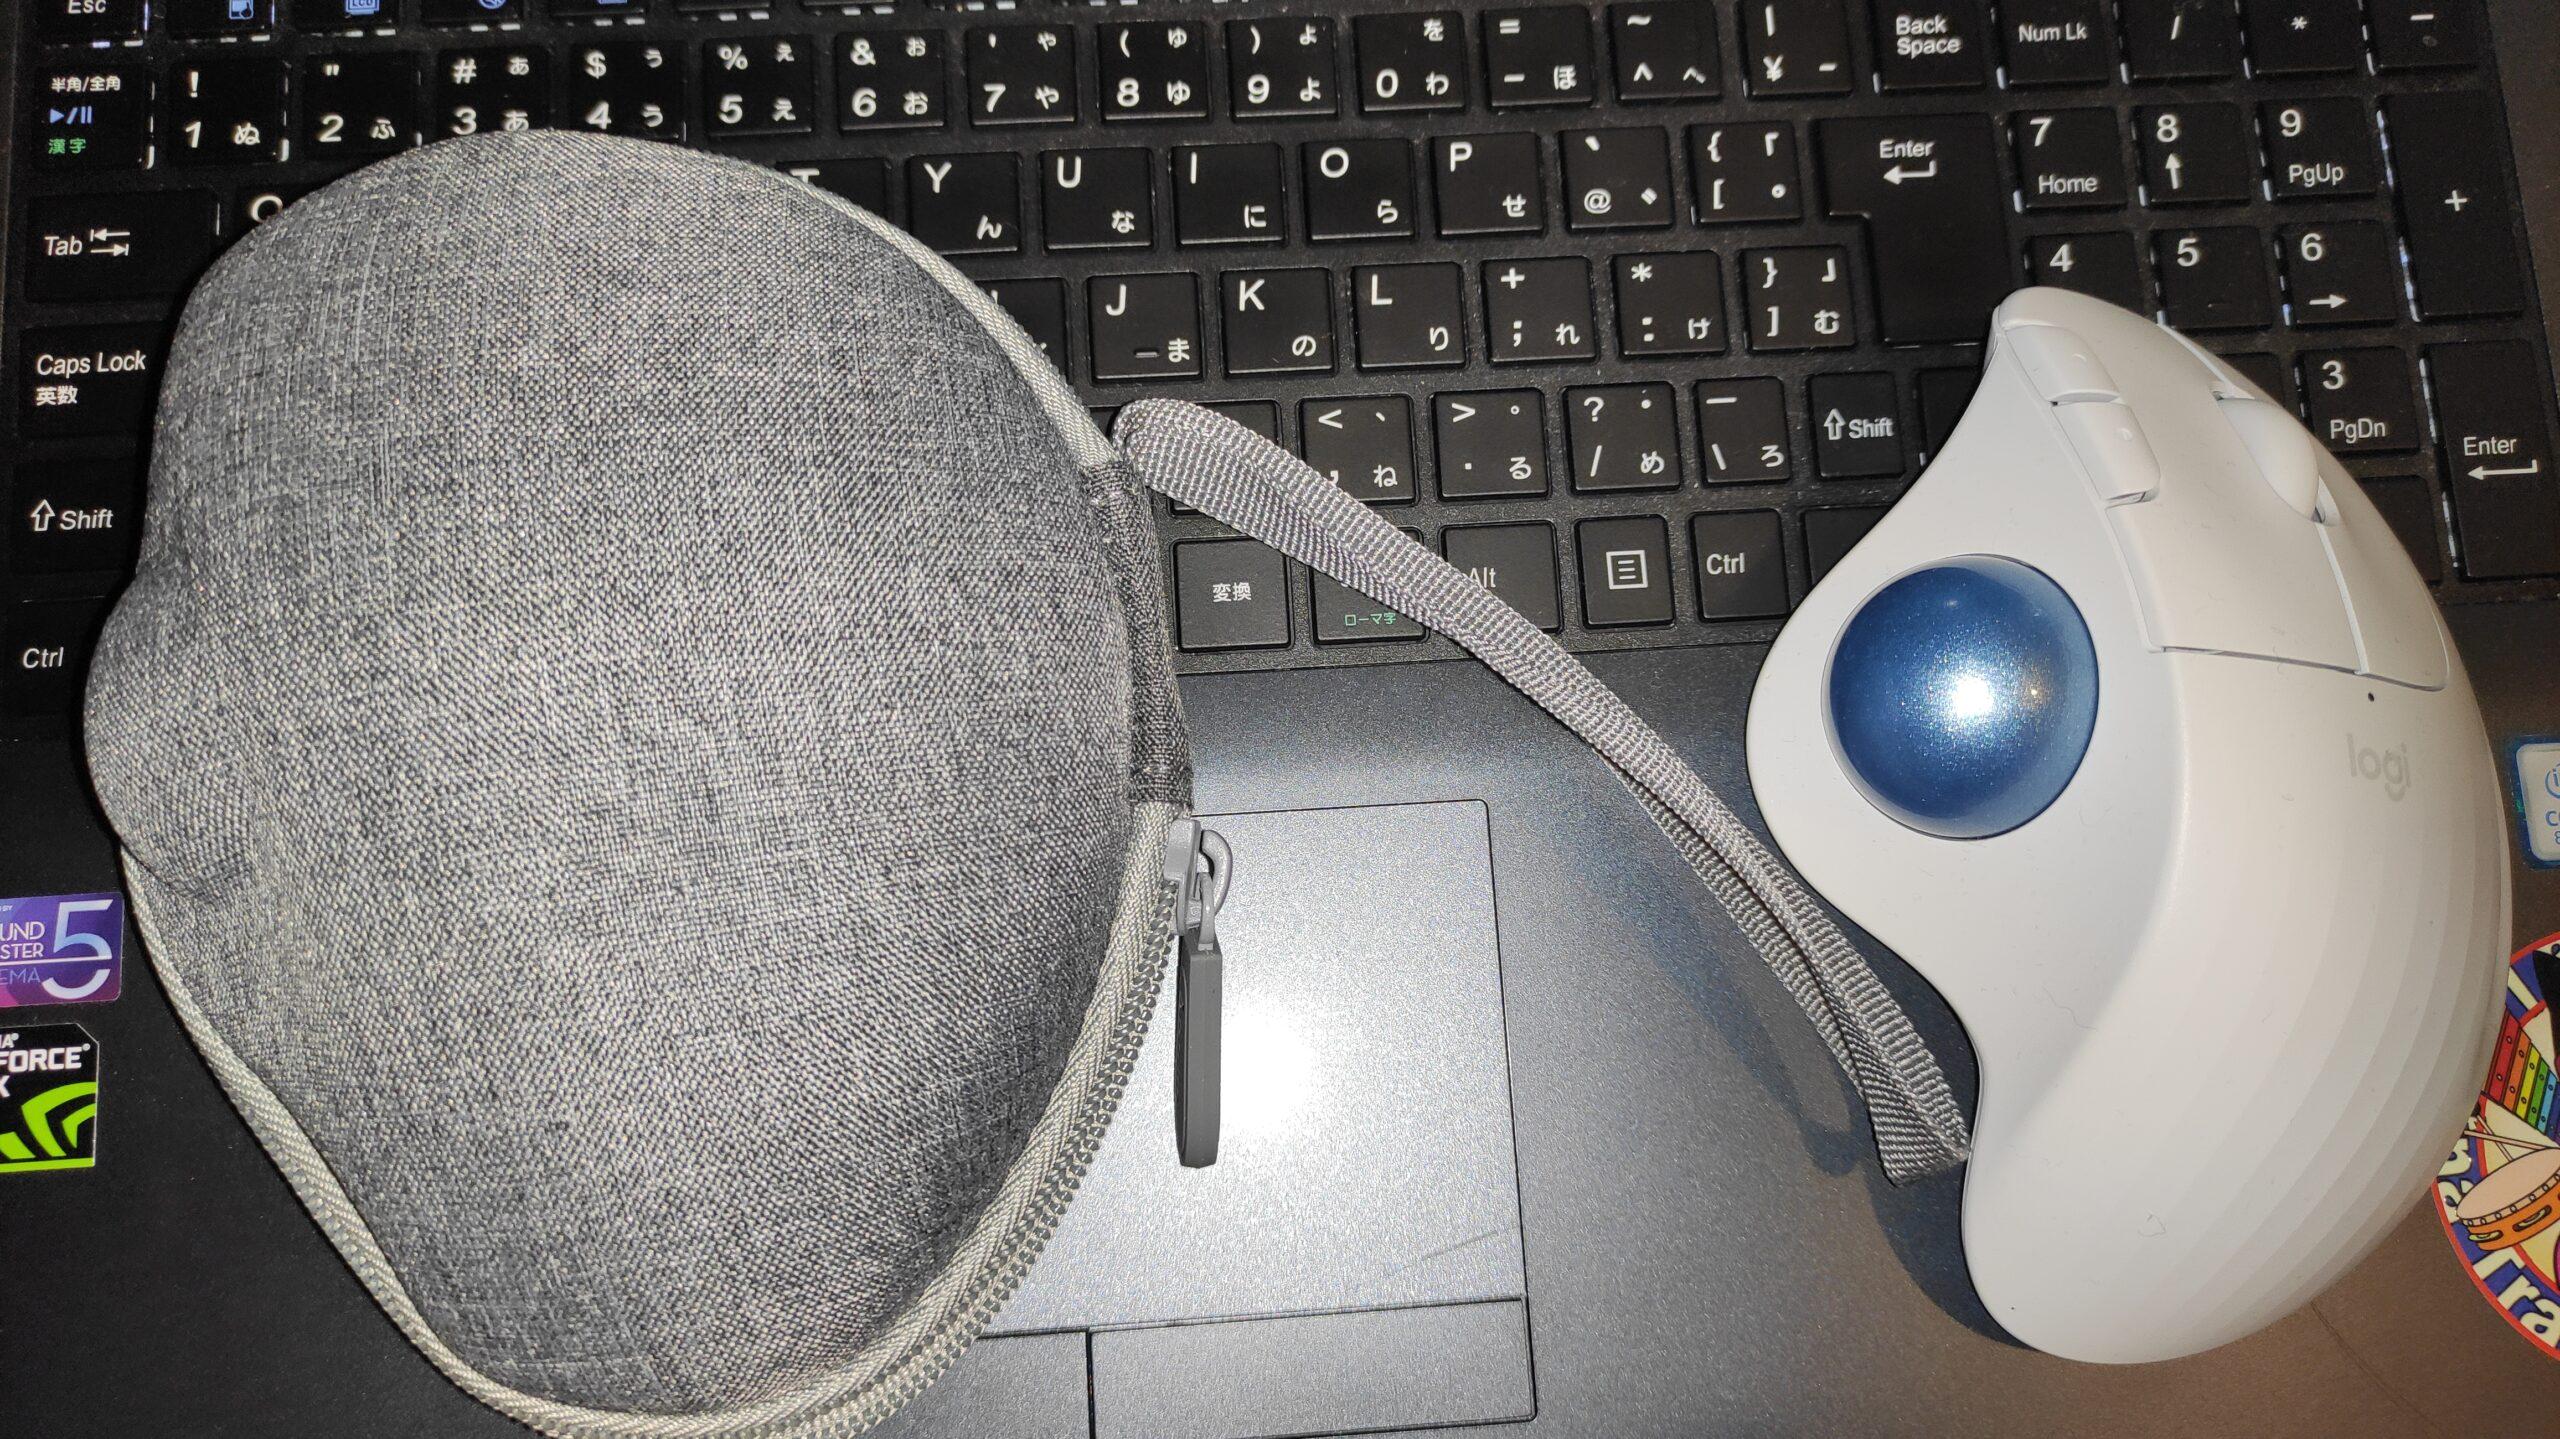 ロジクールのマウスm575にピッタリハマる専用ケース